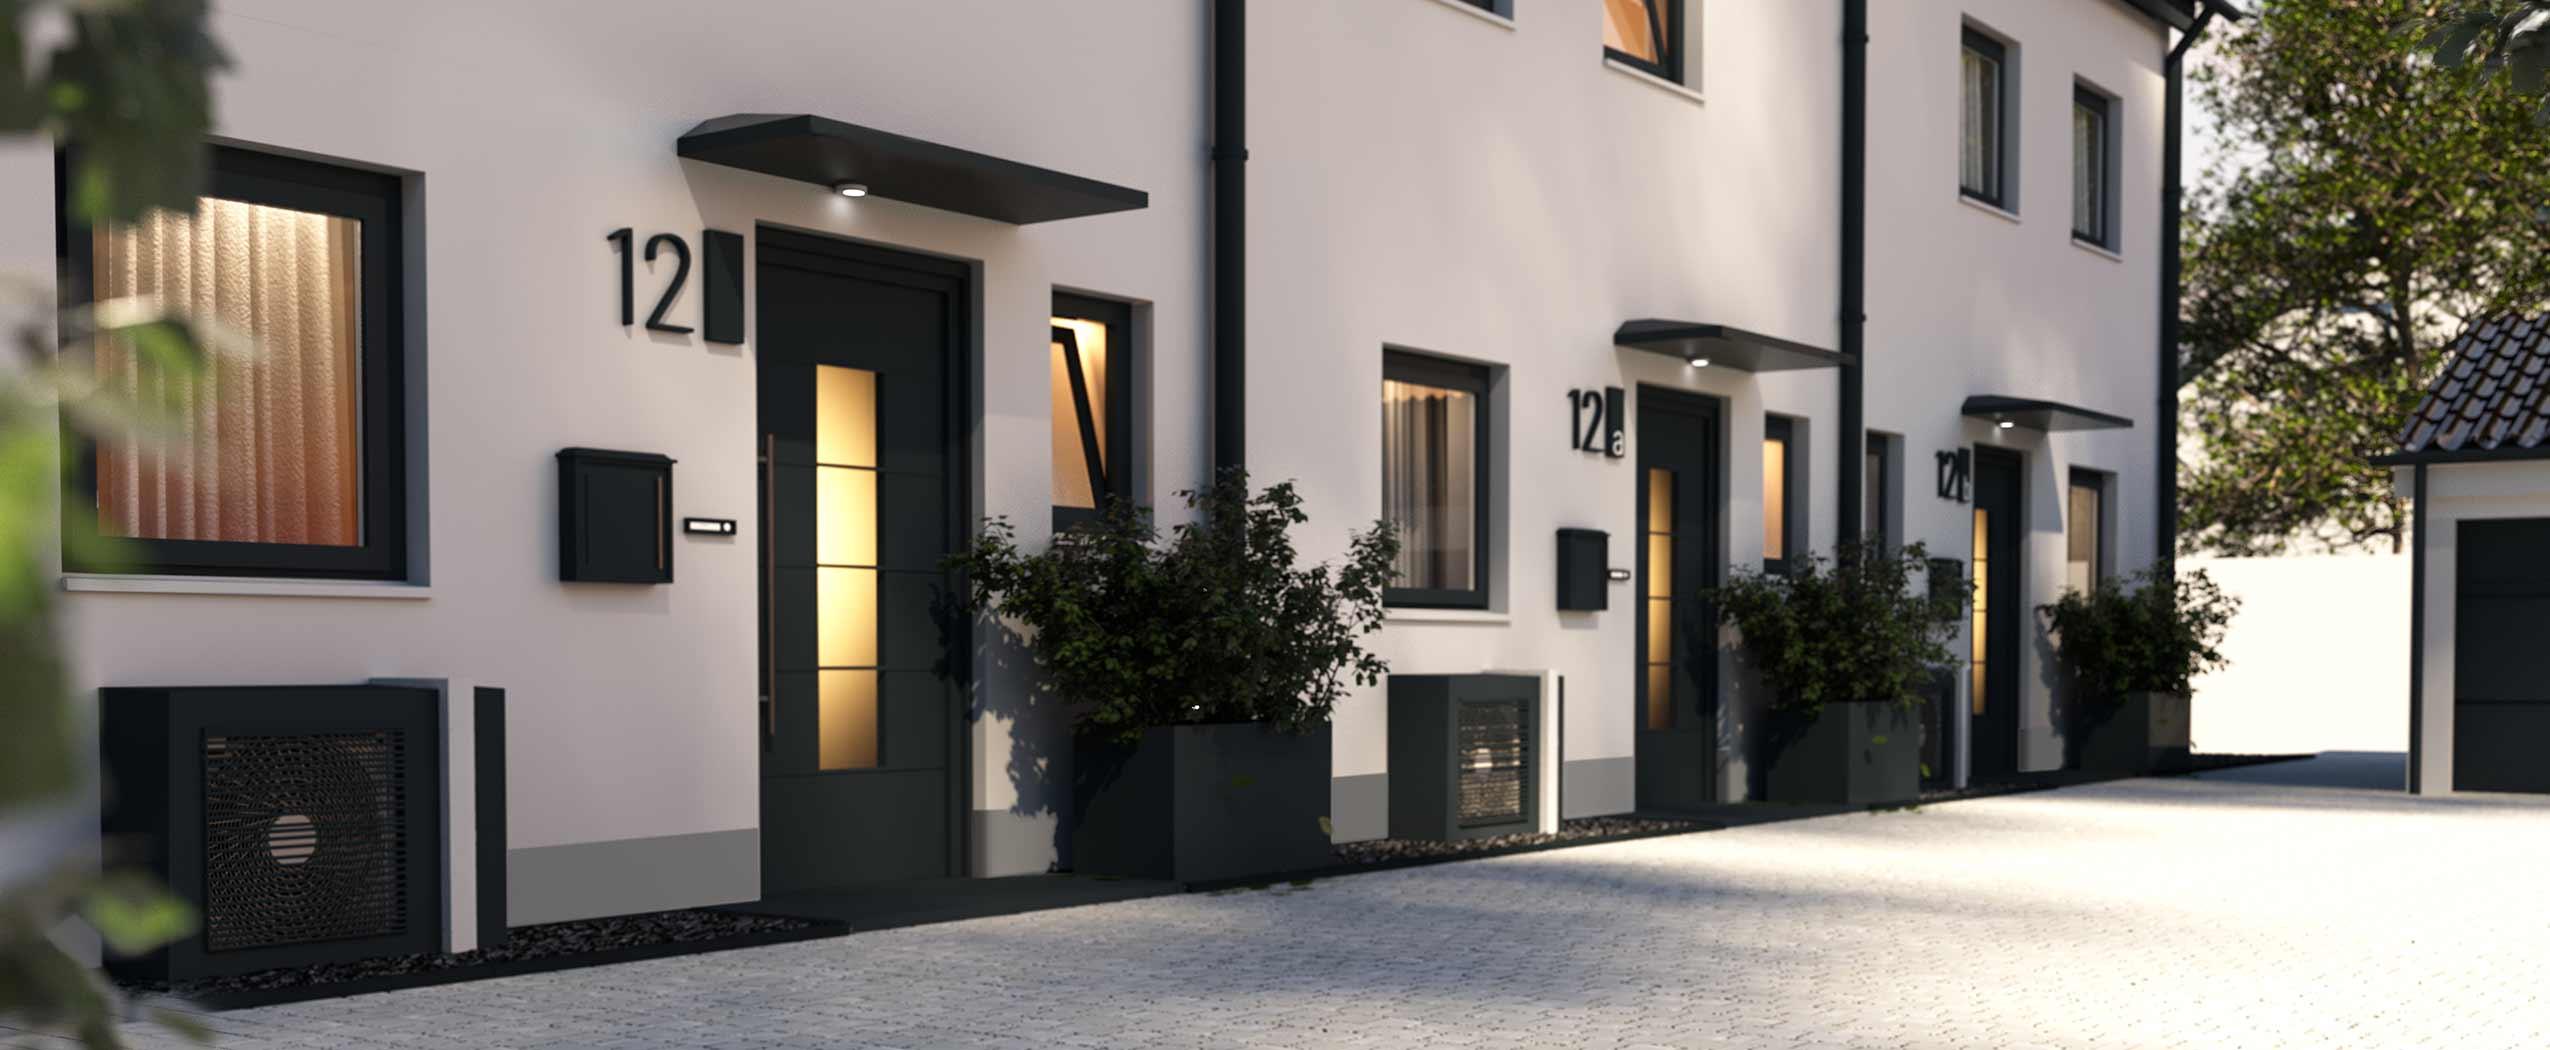 DOMUS Nova Ihr neues Zuhause DOMUS Regioimmobilien